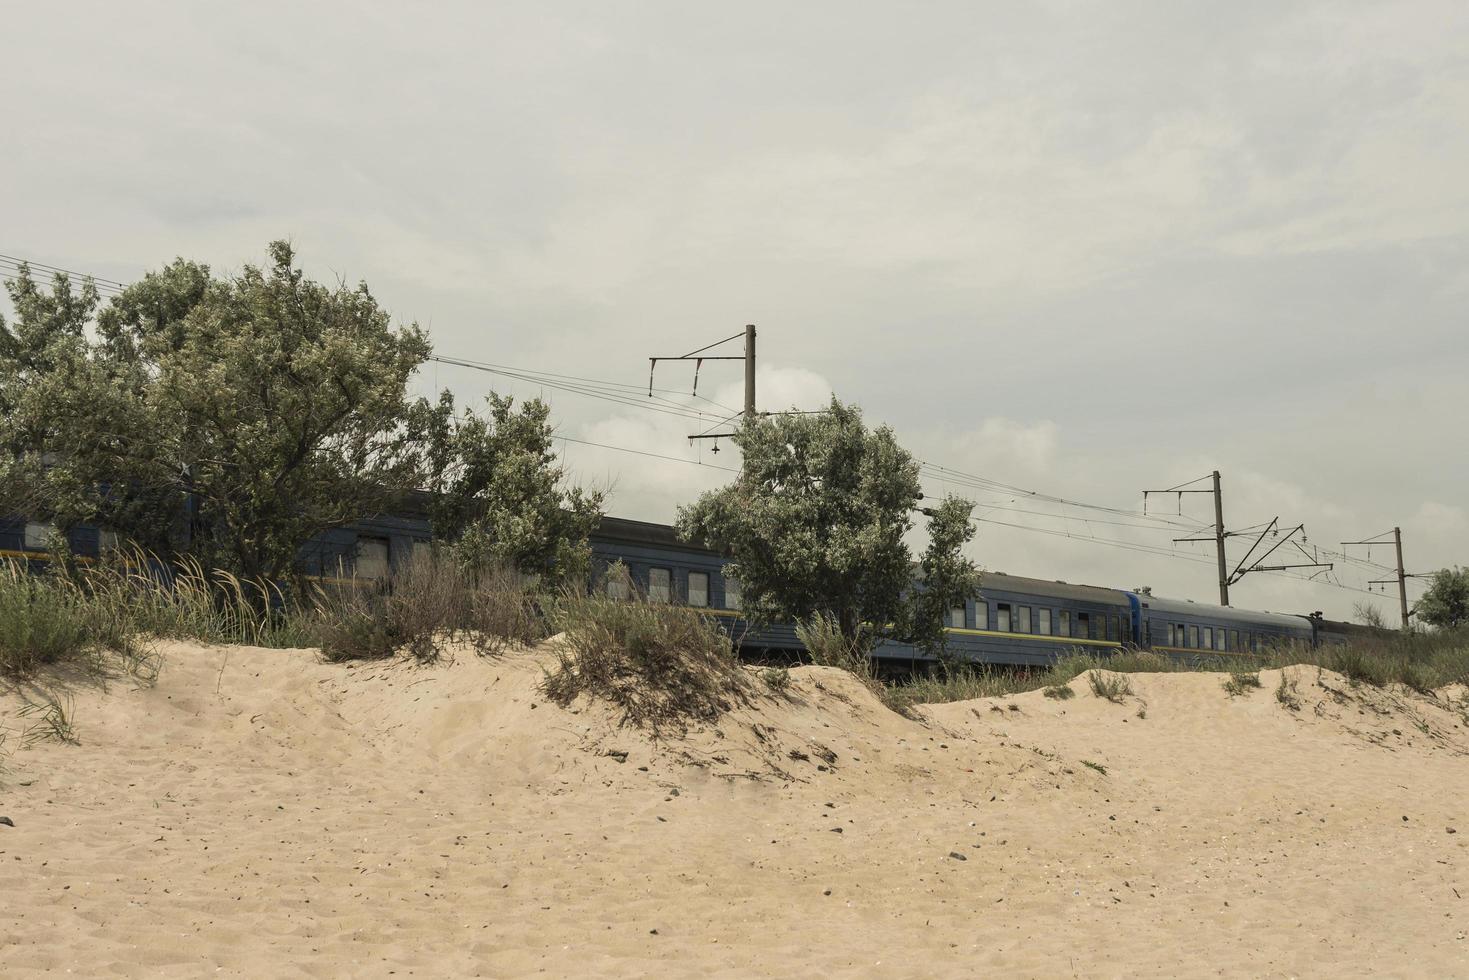 el tren pasa por el desierto aceitunas que crecen cerca del ferrocarril foto